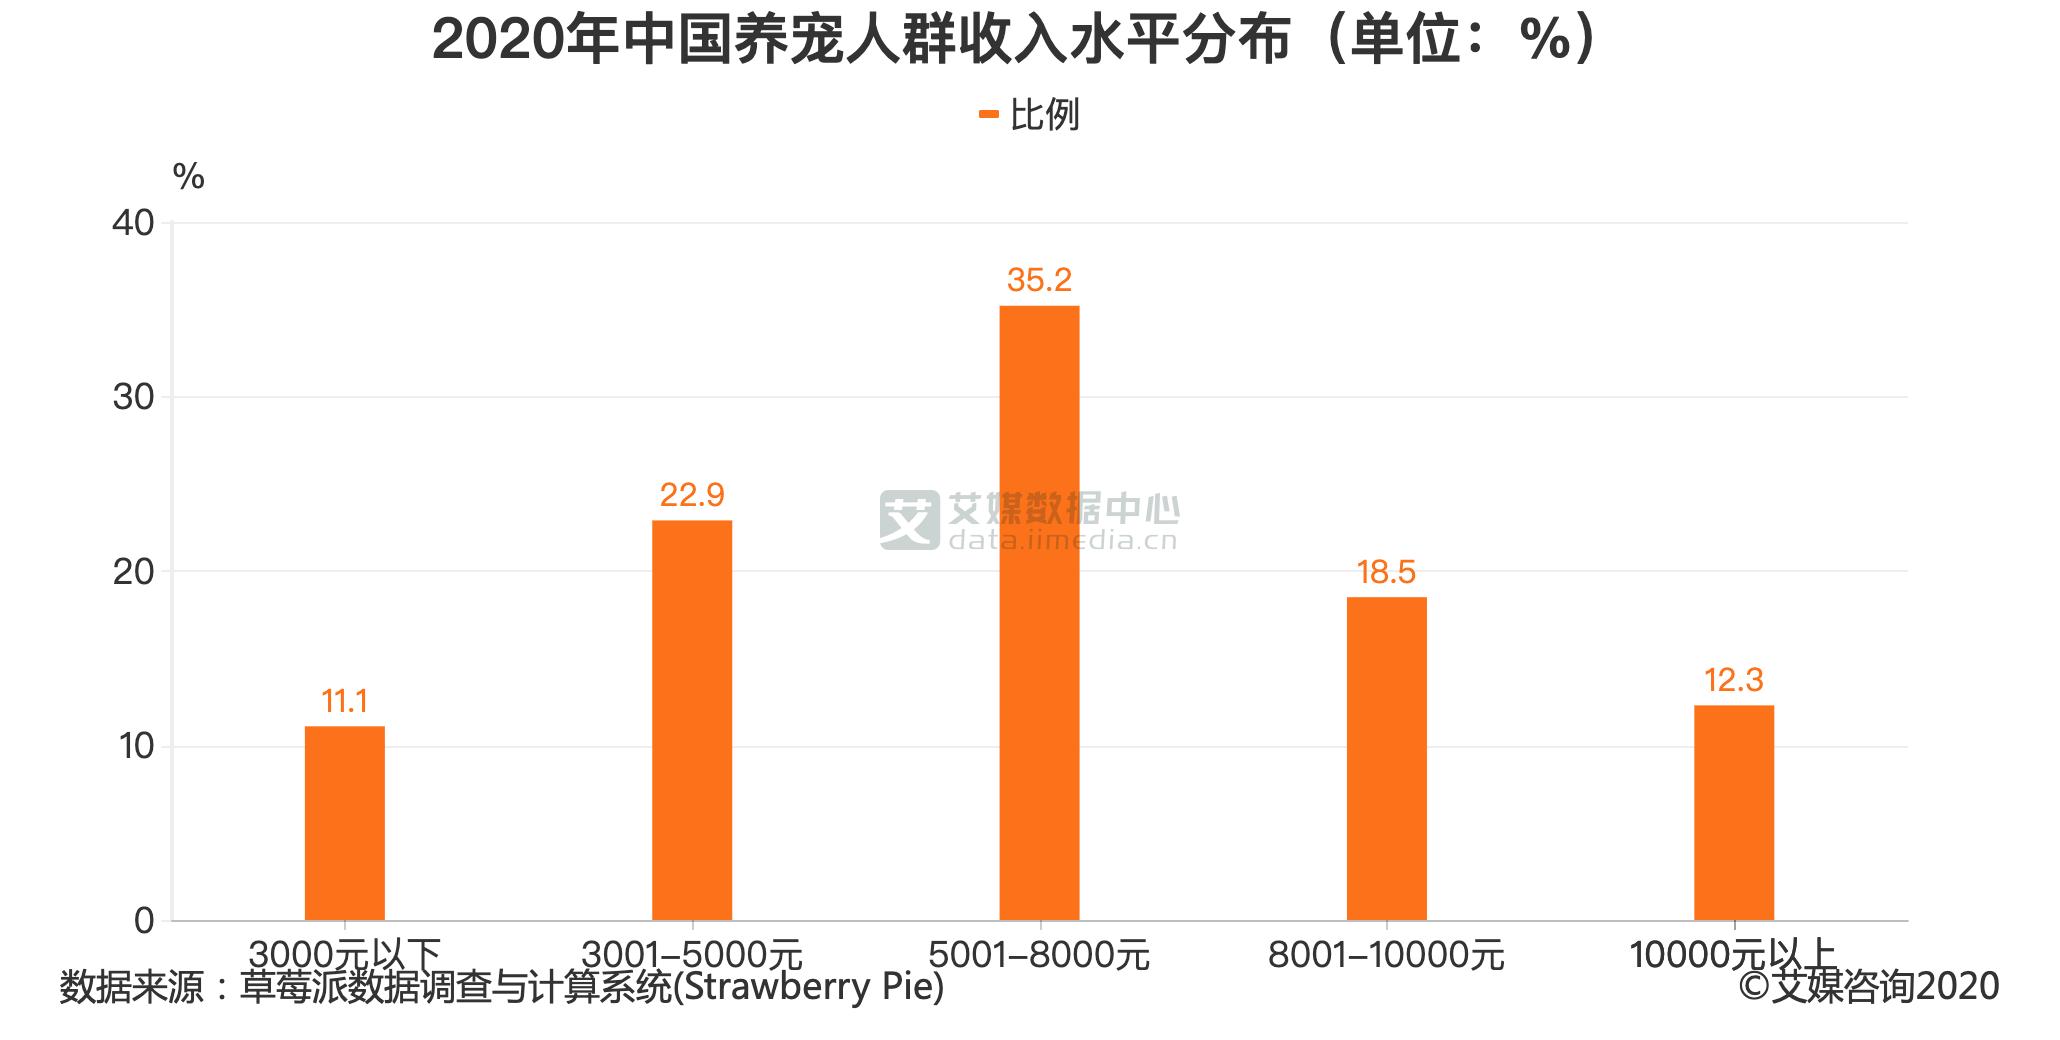 2020年中国养宠人群收入水平分布(单位:%)